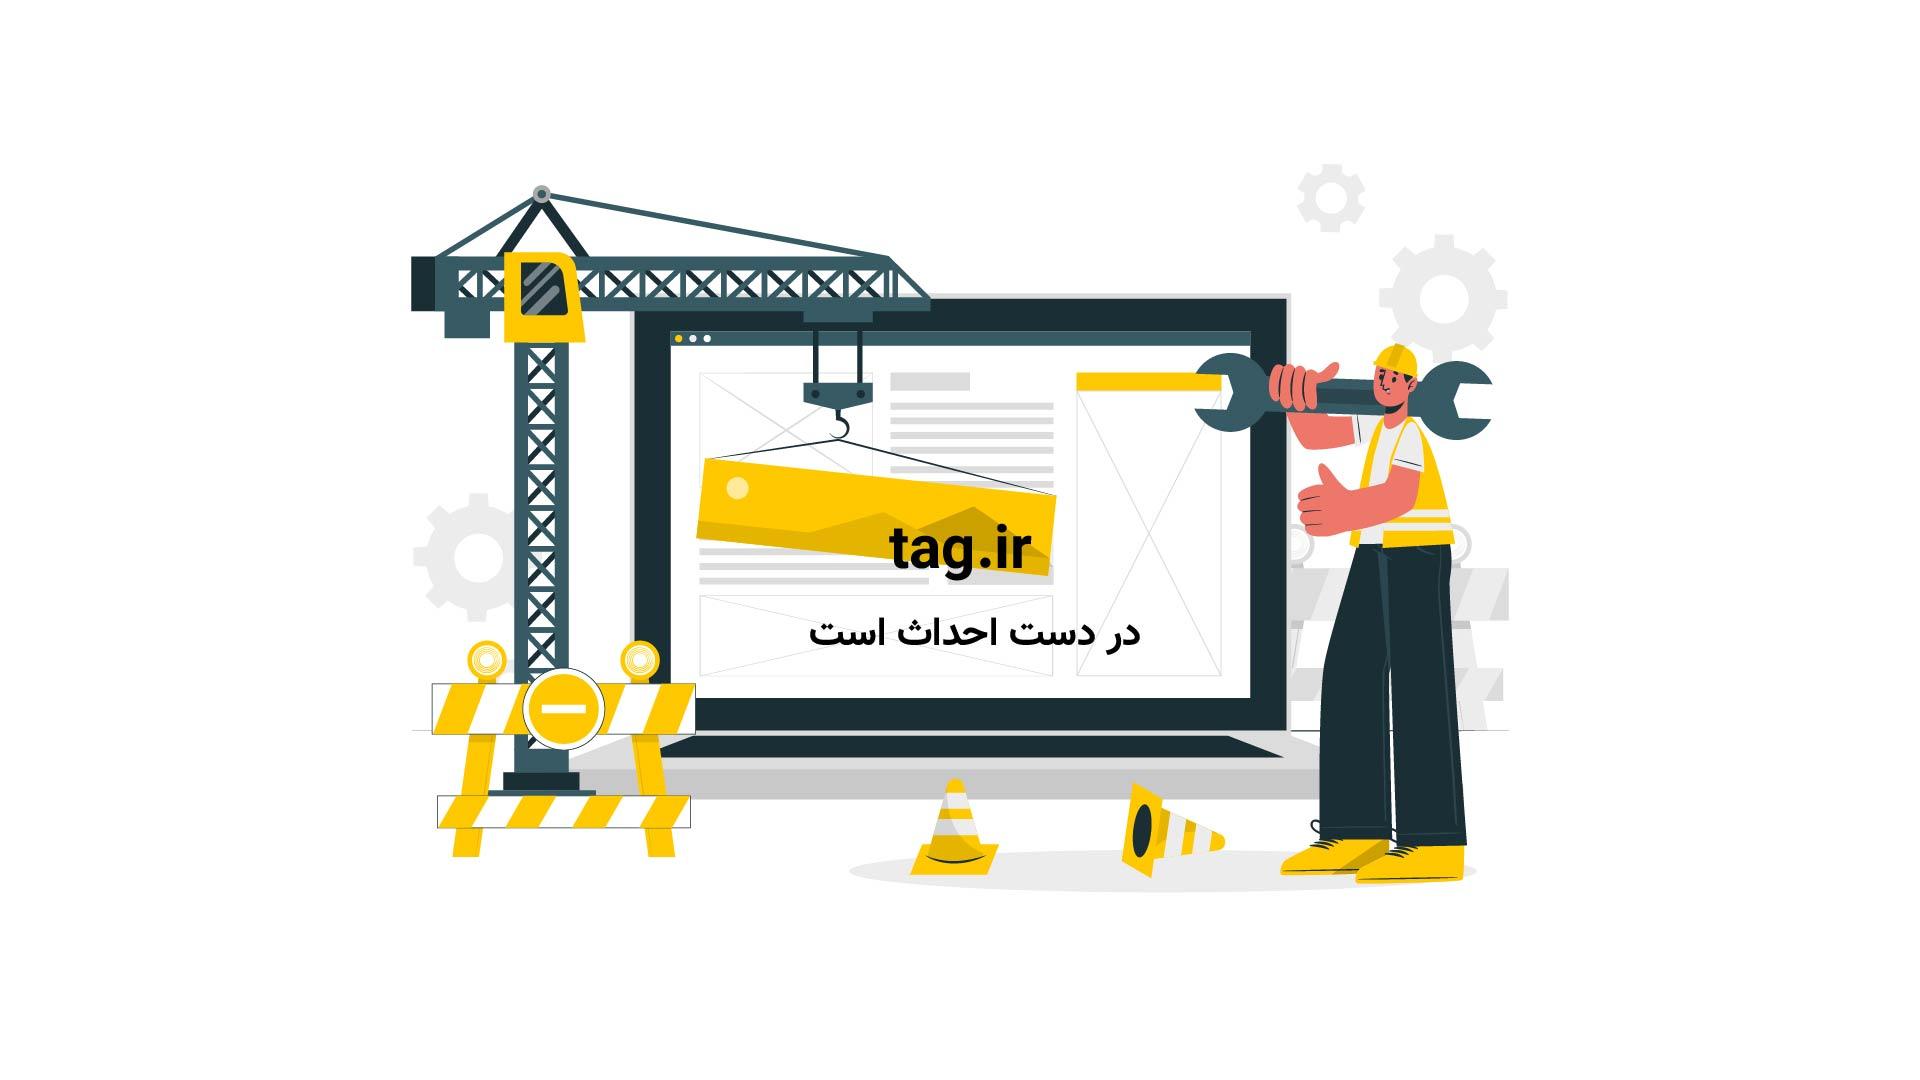 مقایسه ظاهر حیوانات زمانی که انسان آنها را تربیت کرد | فیلم